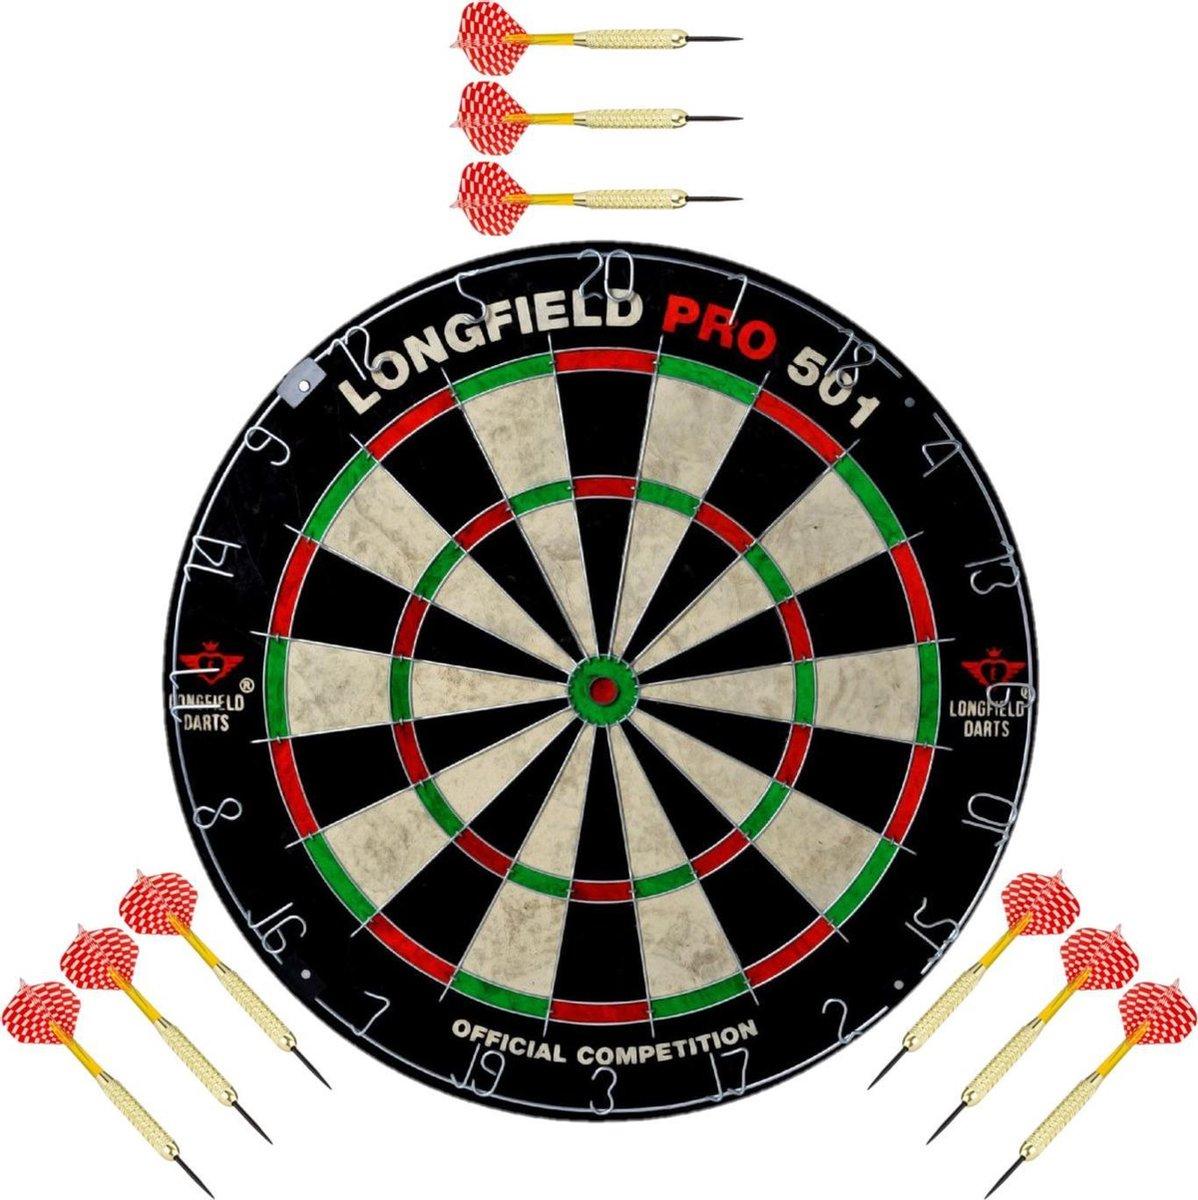 Dartbord set compleet van diameter 45.5 cm met 9x dartpijlen van 22 gram - Longfield professional - Darten